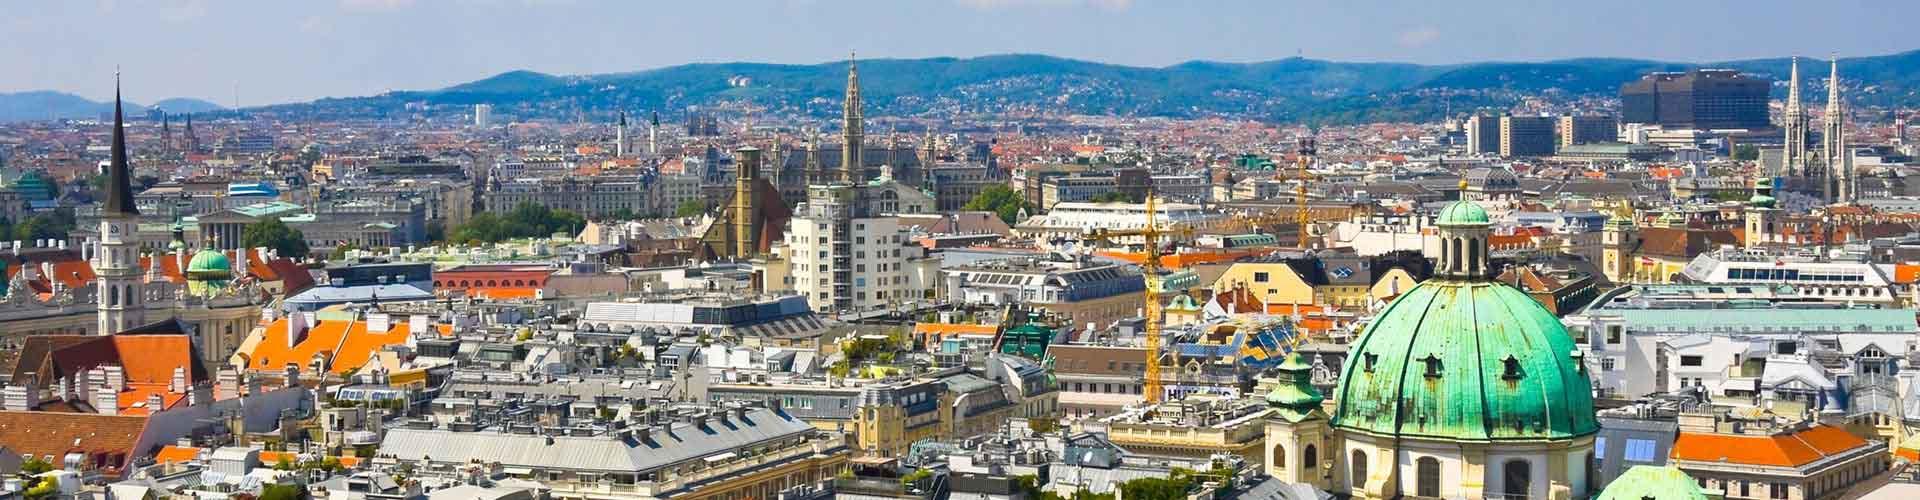 Wiedeń - Pokoje w mieście Wiedeń, Mapy miasta Wiedeń, Zdjęcia i Recenzje dla każdego pokoju w mieście Wiedeń.